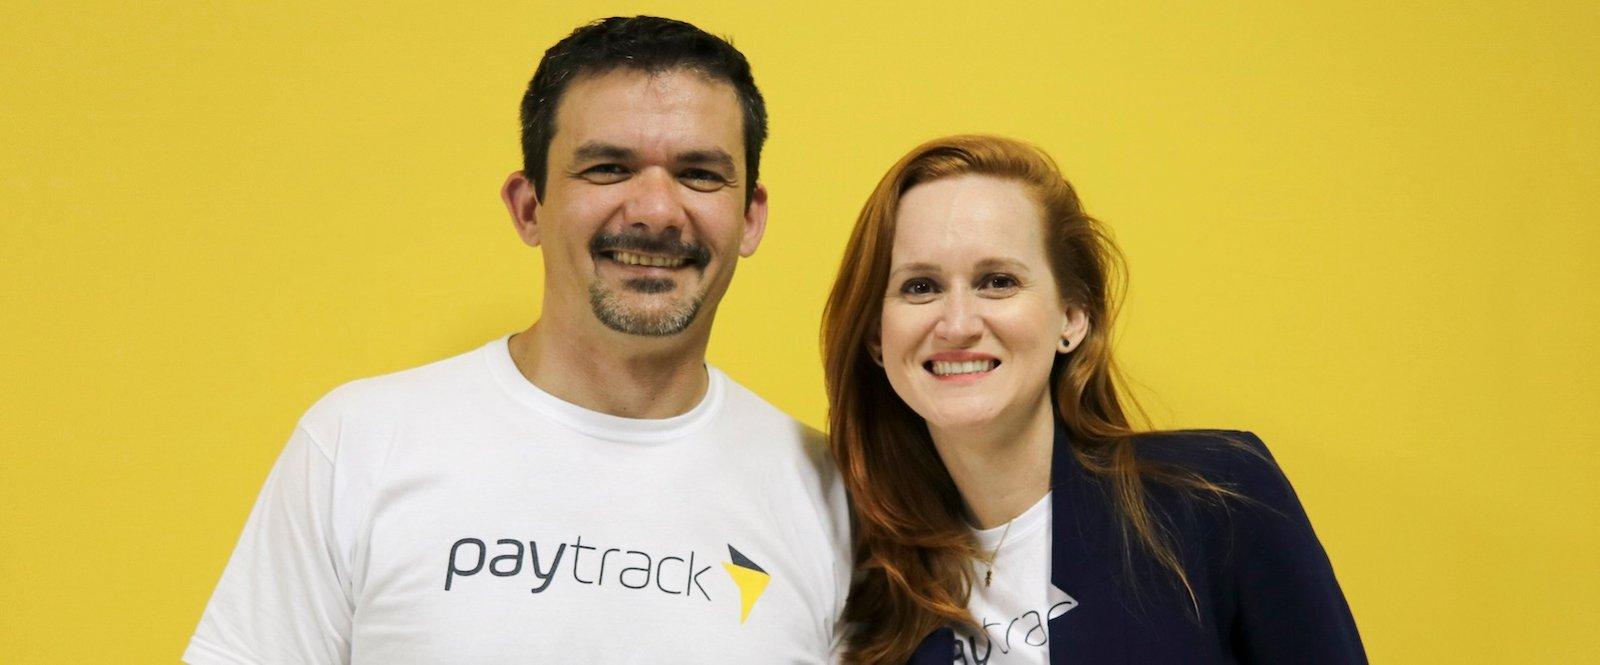 A trajetória da Paytrack, de Blumenau, que auxilia grandes empresas na gestão de despesas e viagens